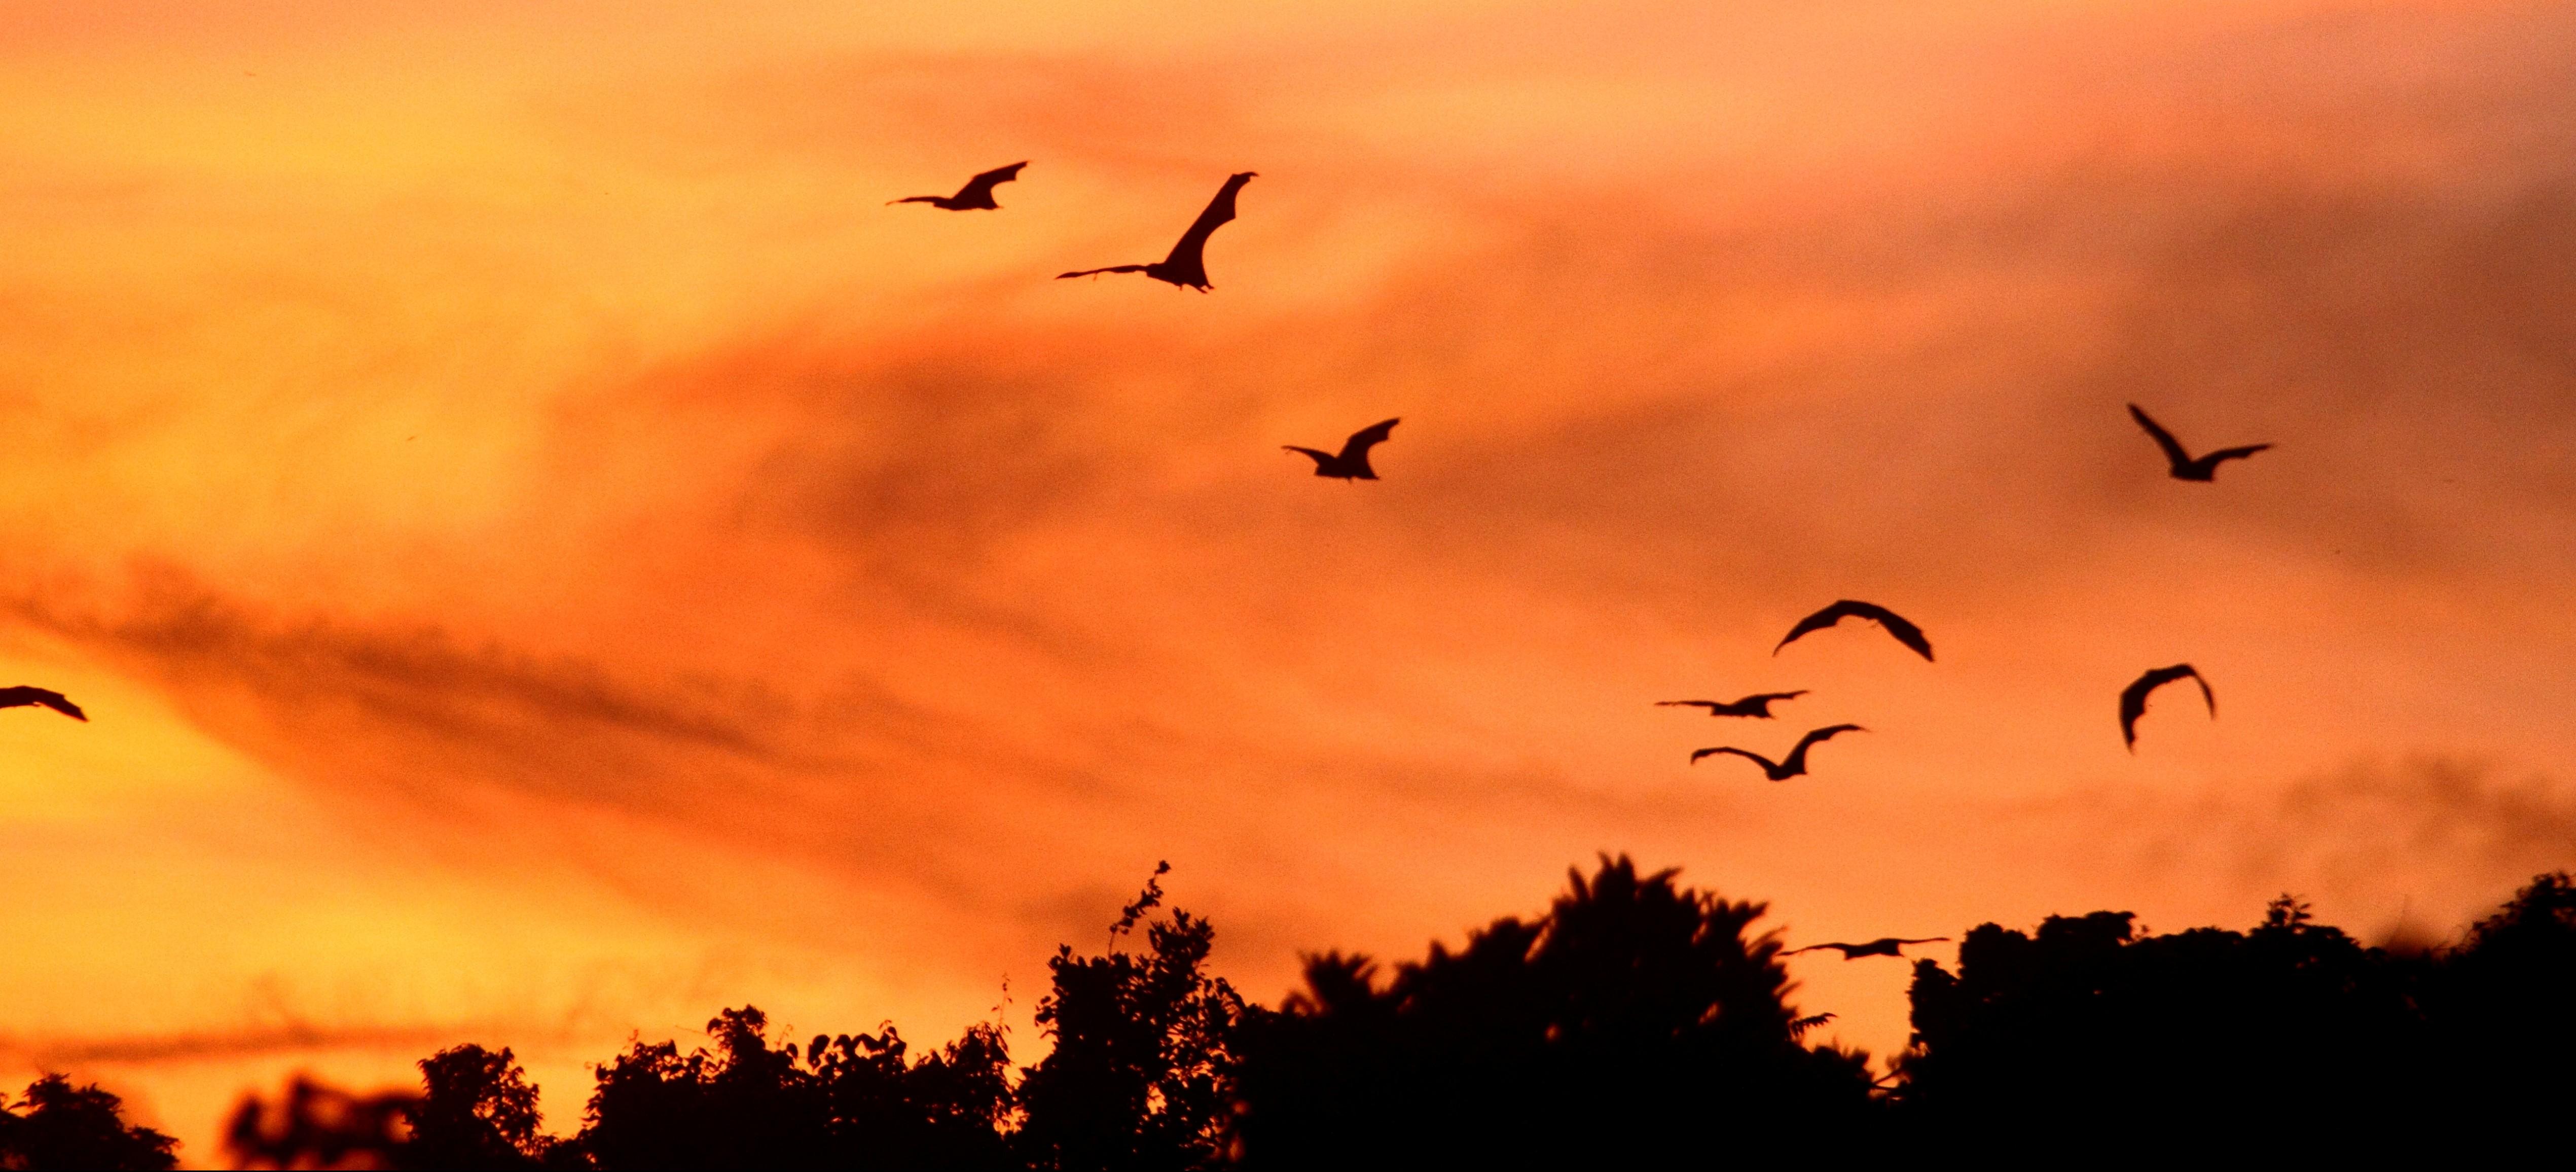 Flying foxes at sunset_P. Godfrey Jakosalem